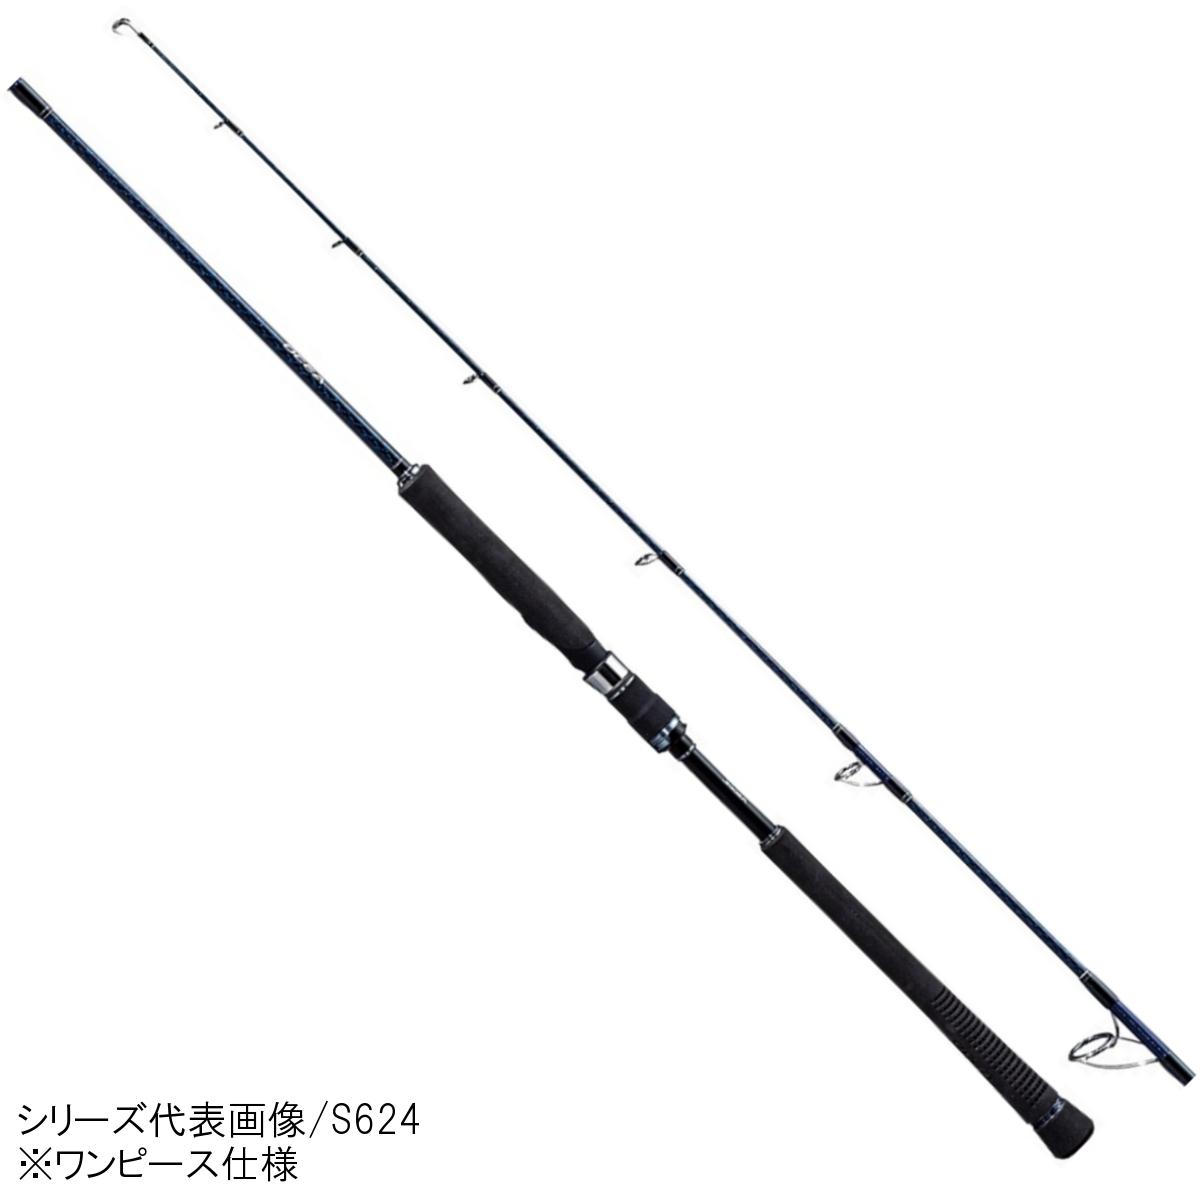 シマノ オシアジガー スピニング クイックジャーク(ショートレングスモデル) S510-5【大型商品】